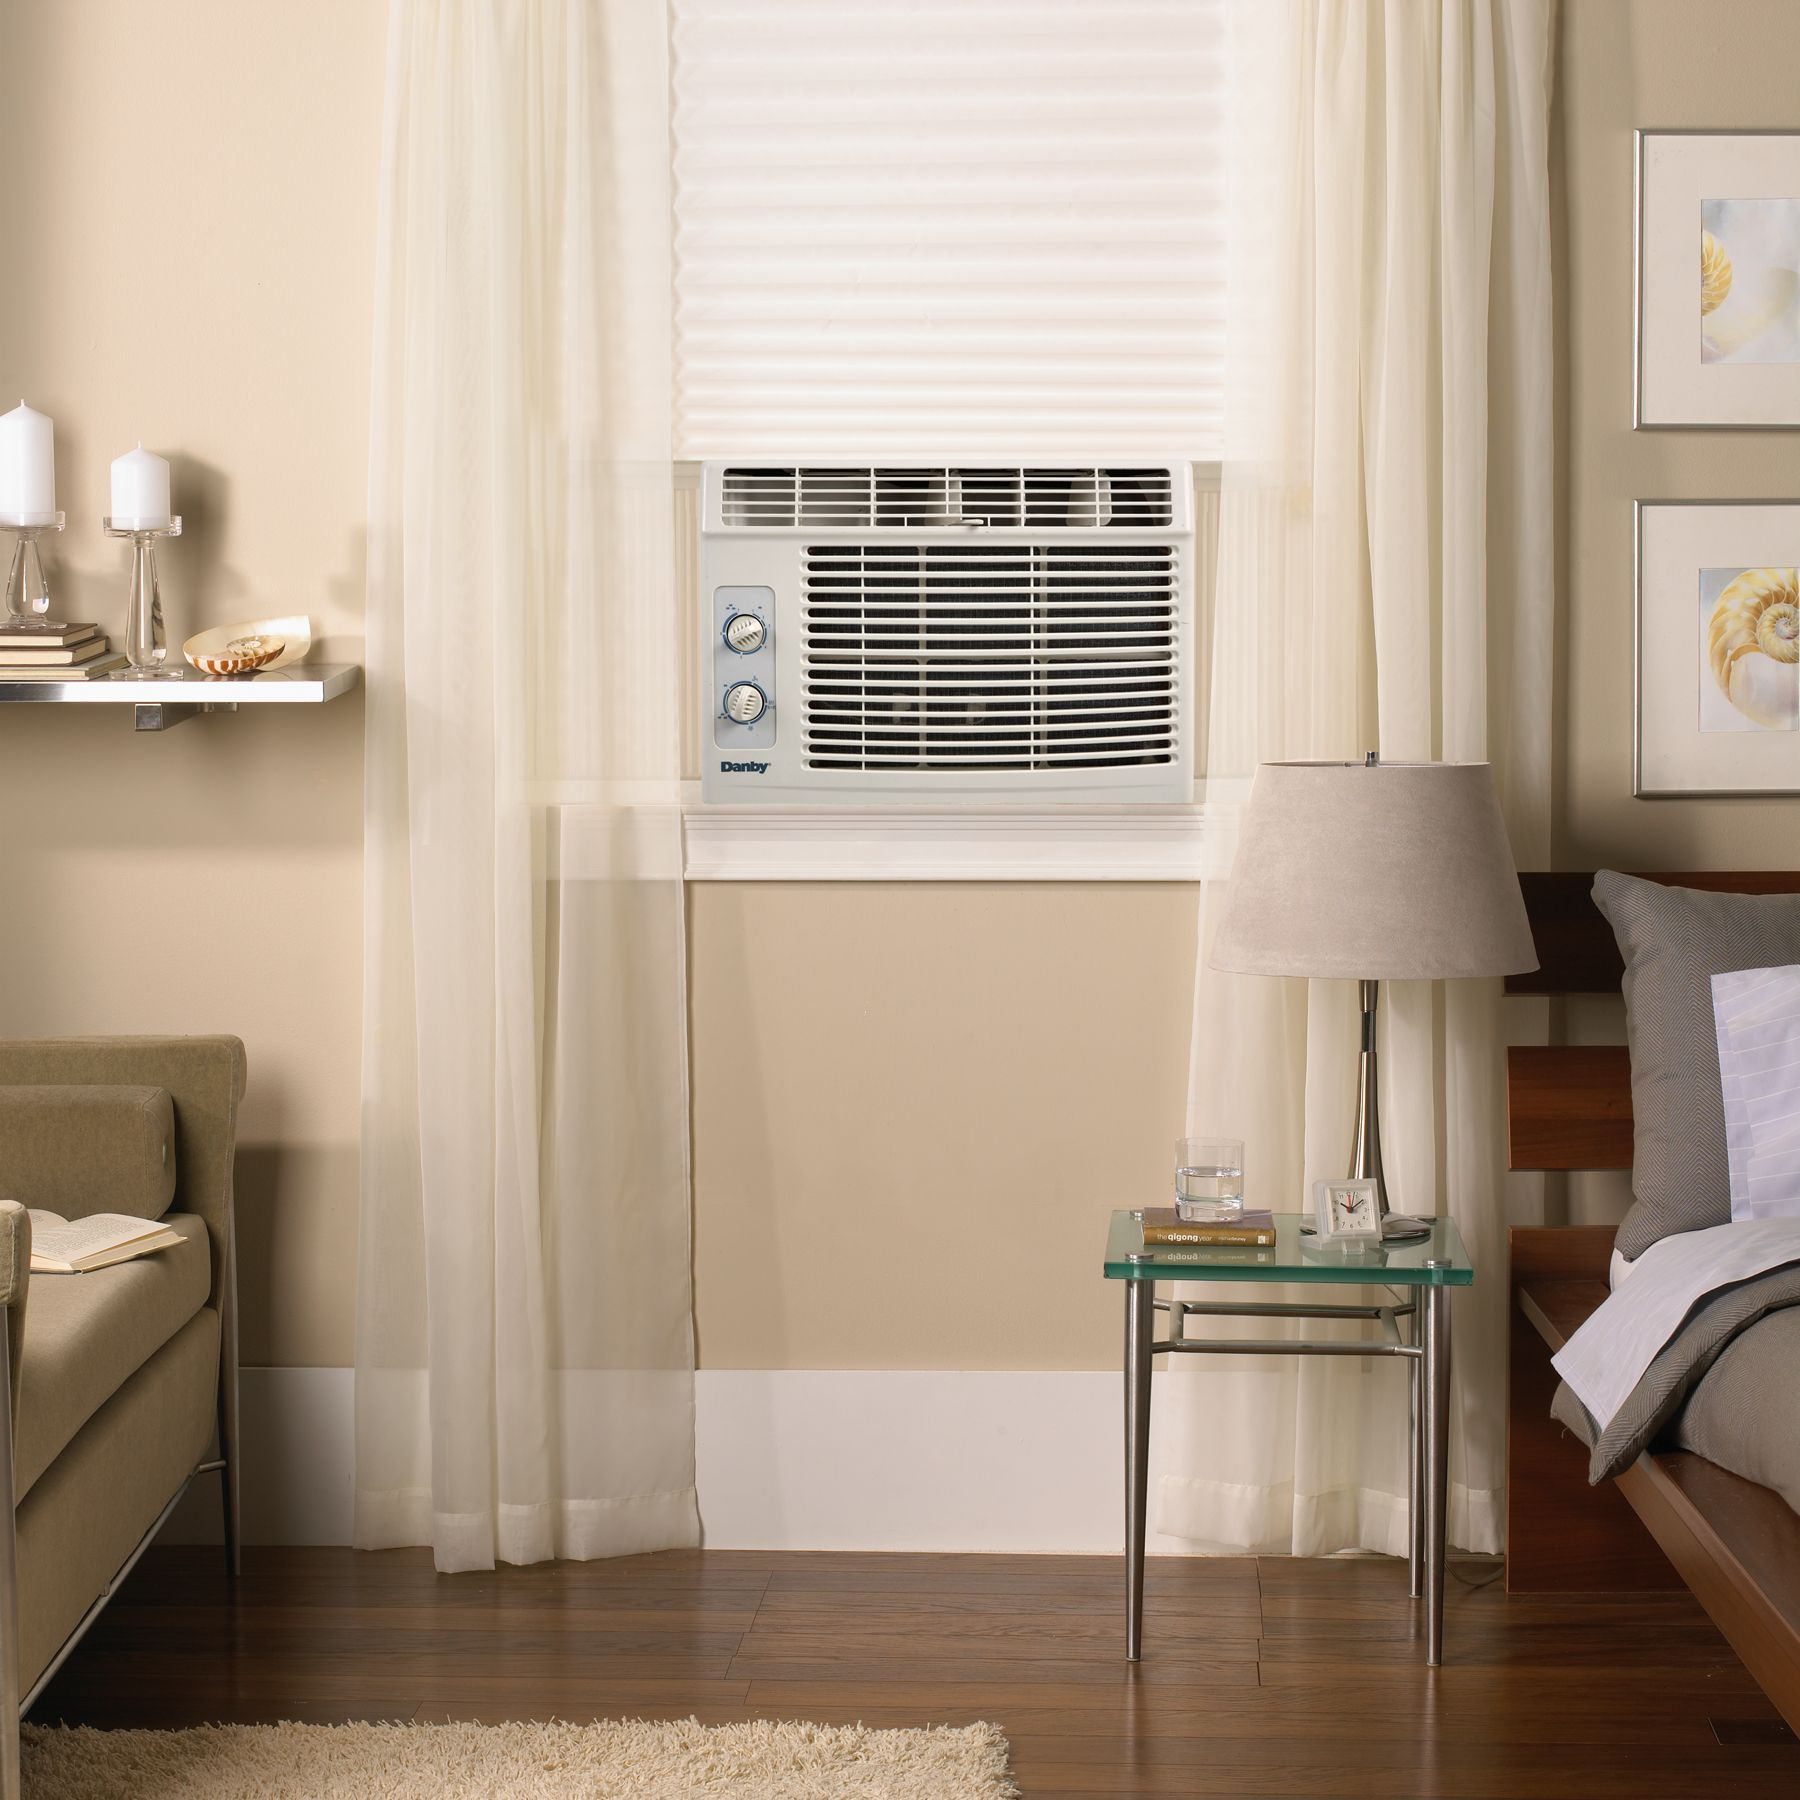 Home Comfort Window Air Conditioner Home Comforts Window Vinyl